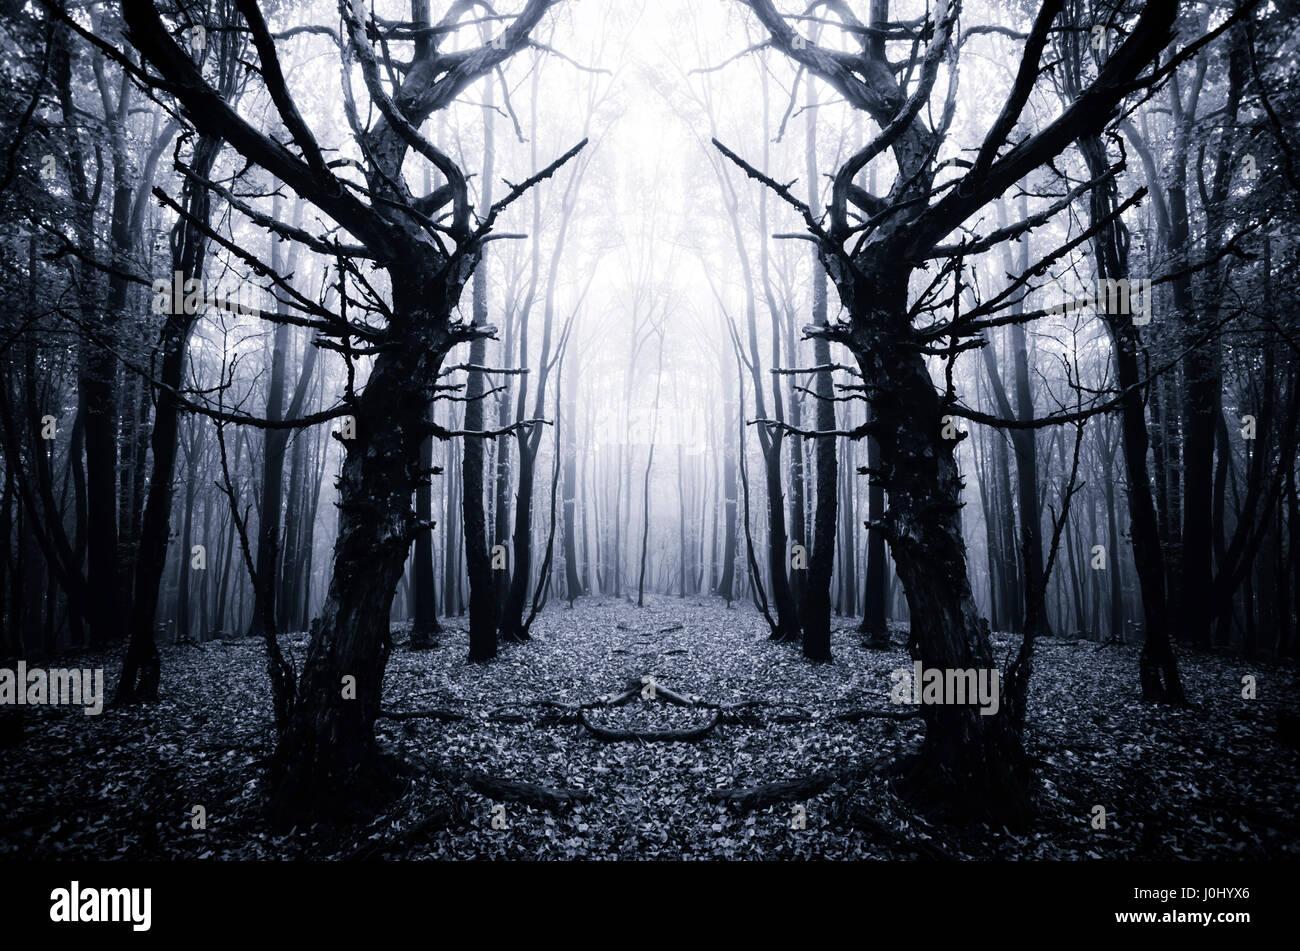 Scary Viejos Arboles En Un Bosque Oscuro Fotografia De Stock Alamy